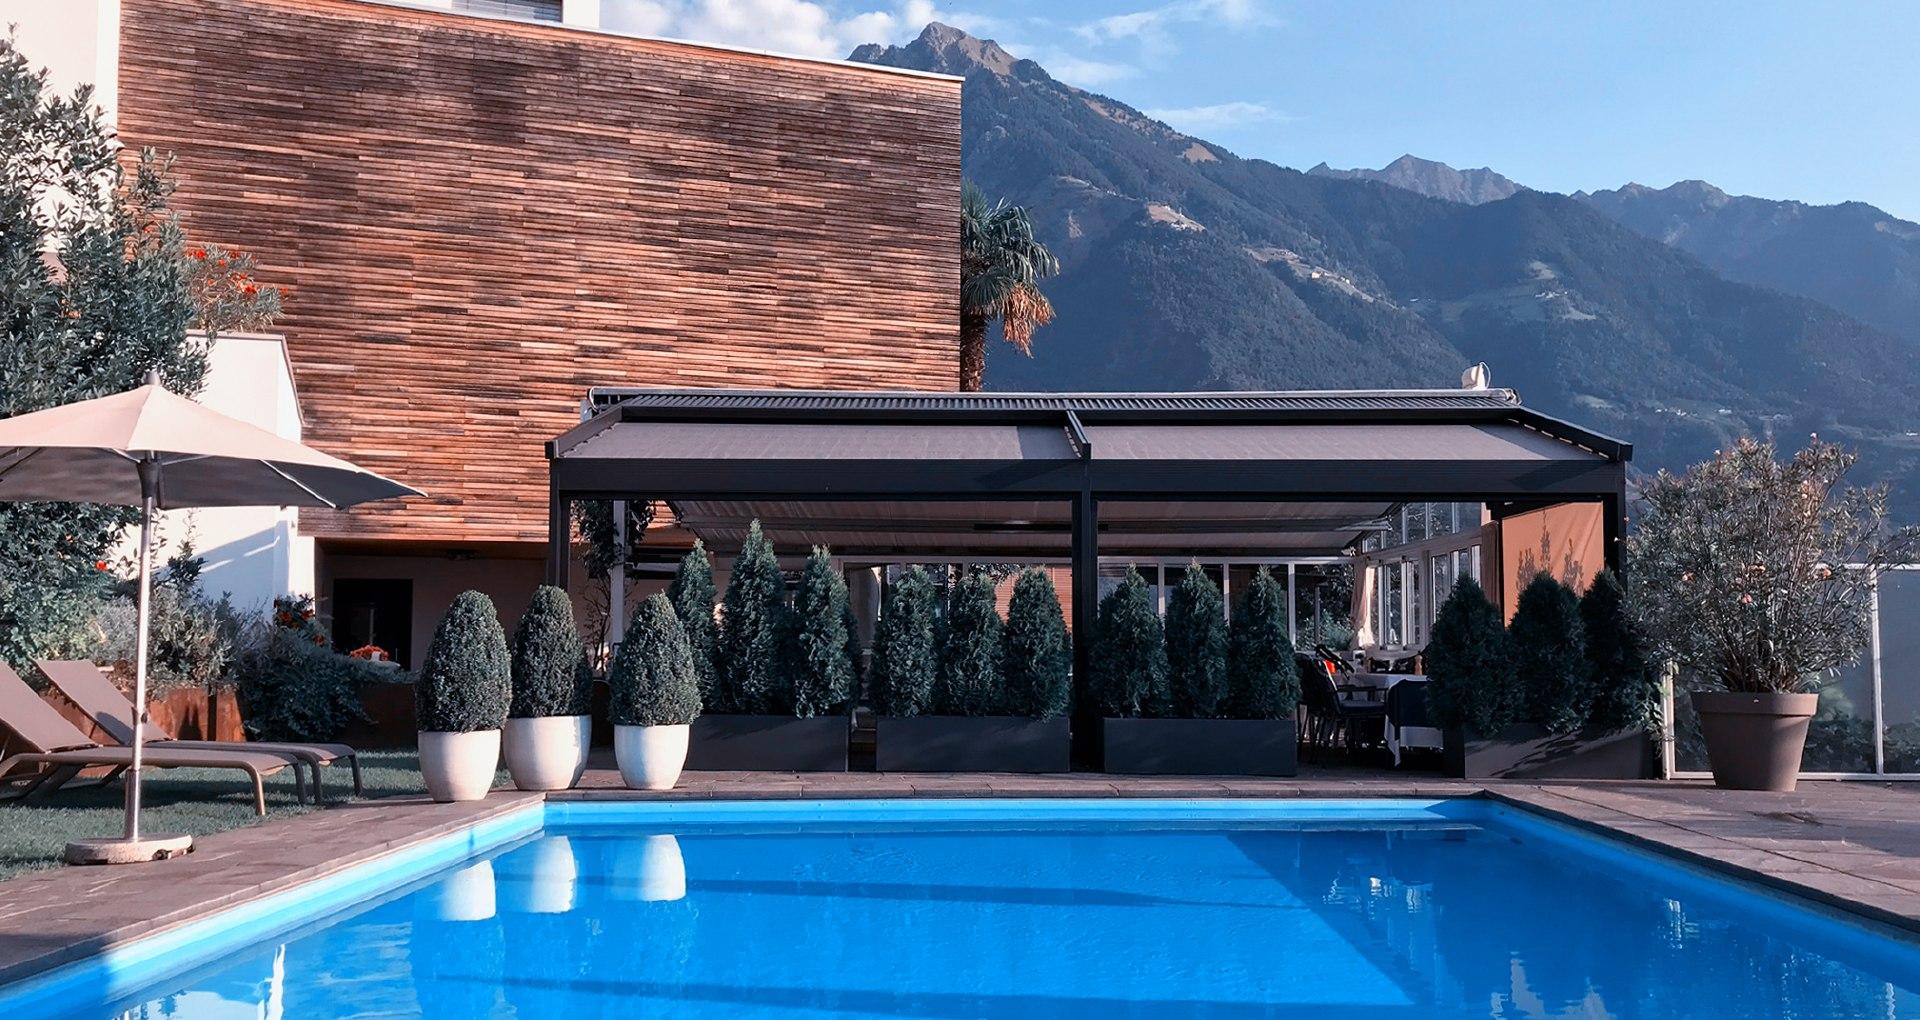 4 Sterne Wellnesshotel In Sudtirol Bio Wellnesshotel Pazeider